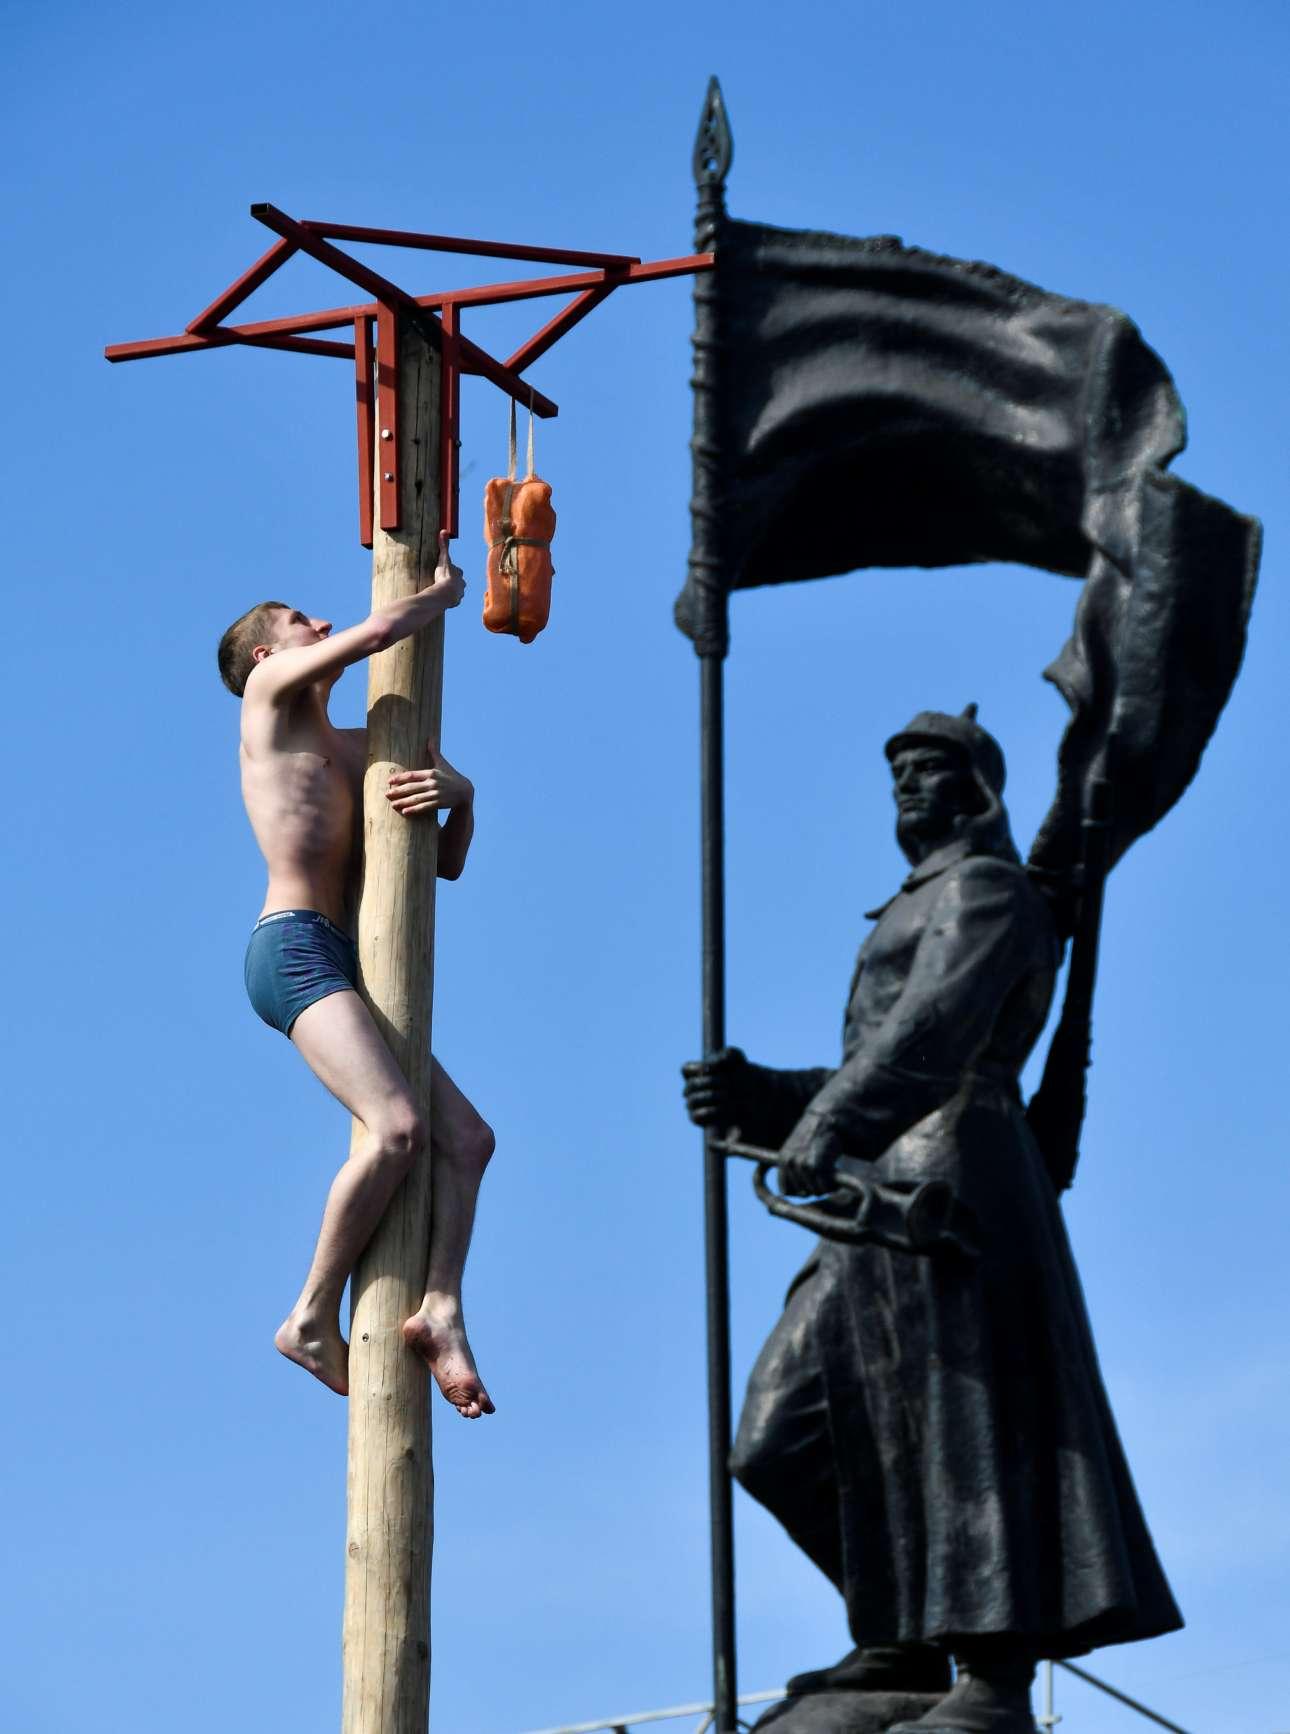 Στο Βλαδιβοστόκ, ένας ακόμη ημίγυμνος άνδρας σκαρφαλώνει σε κολόνα για να παραλάβει το βραβείο του